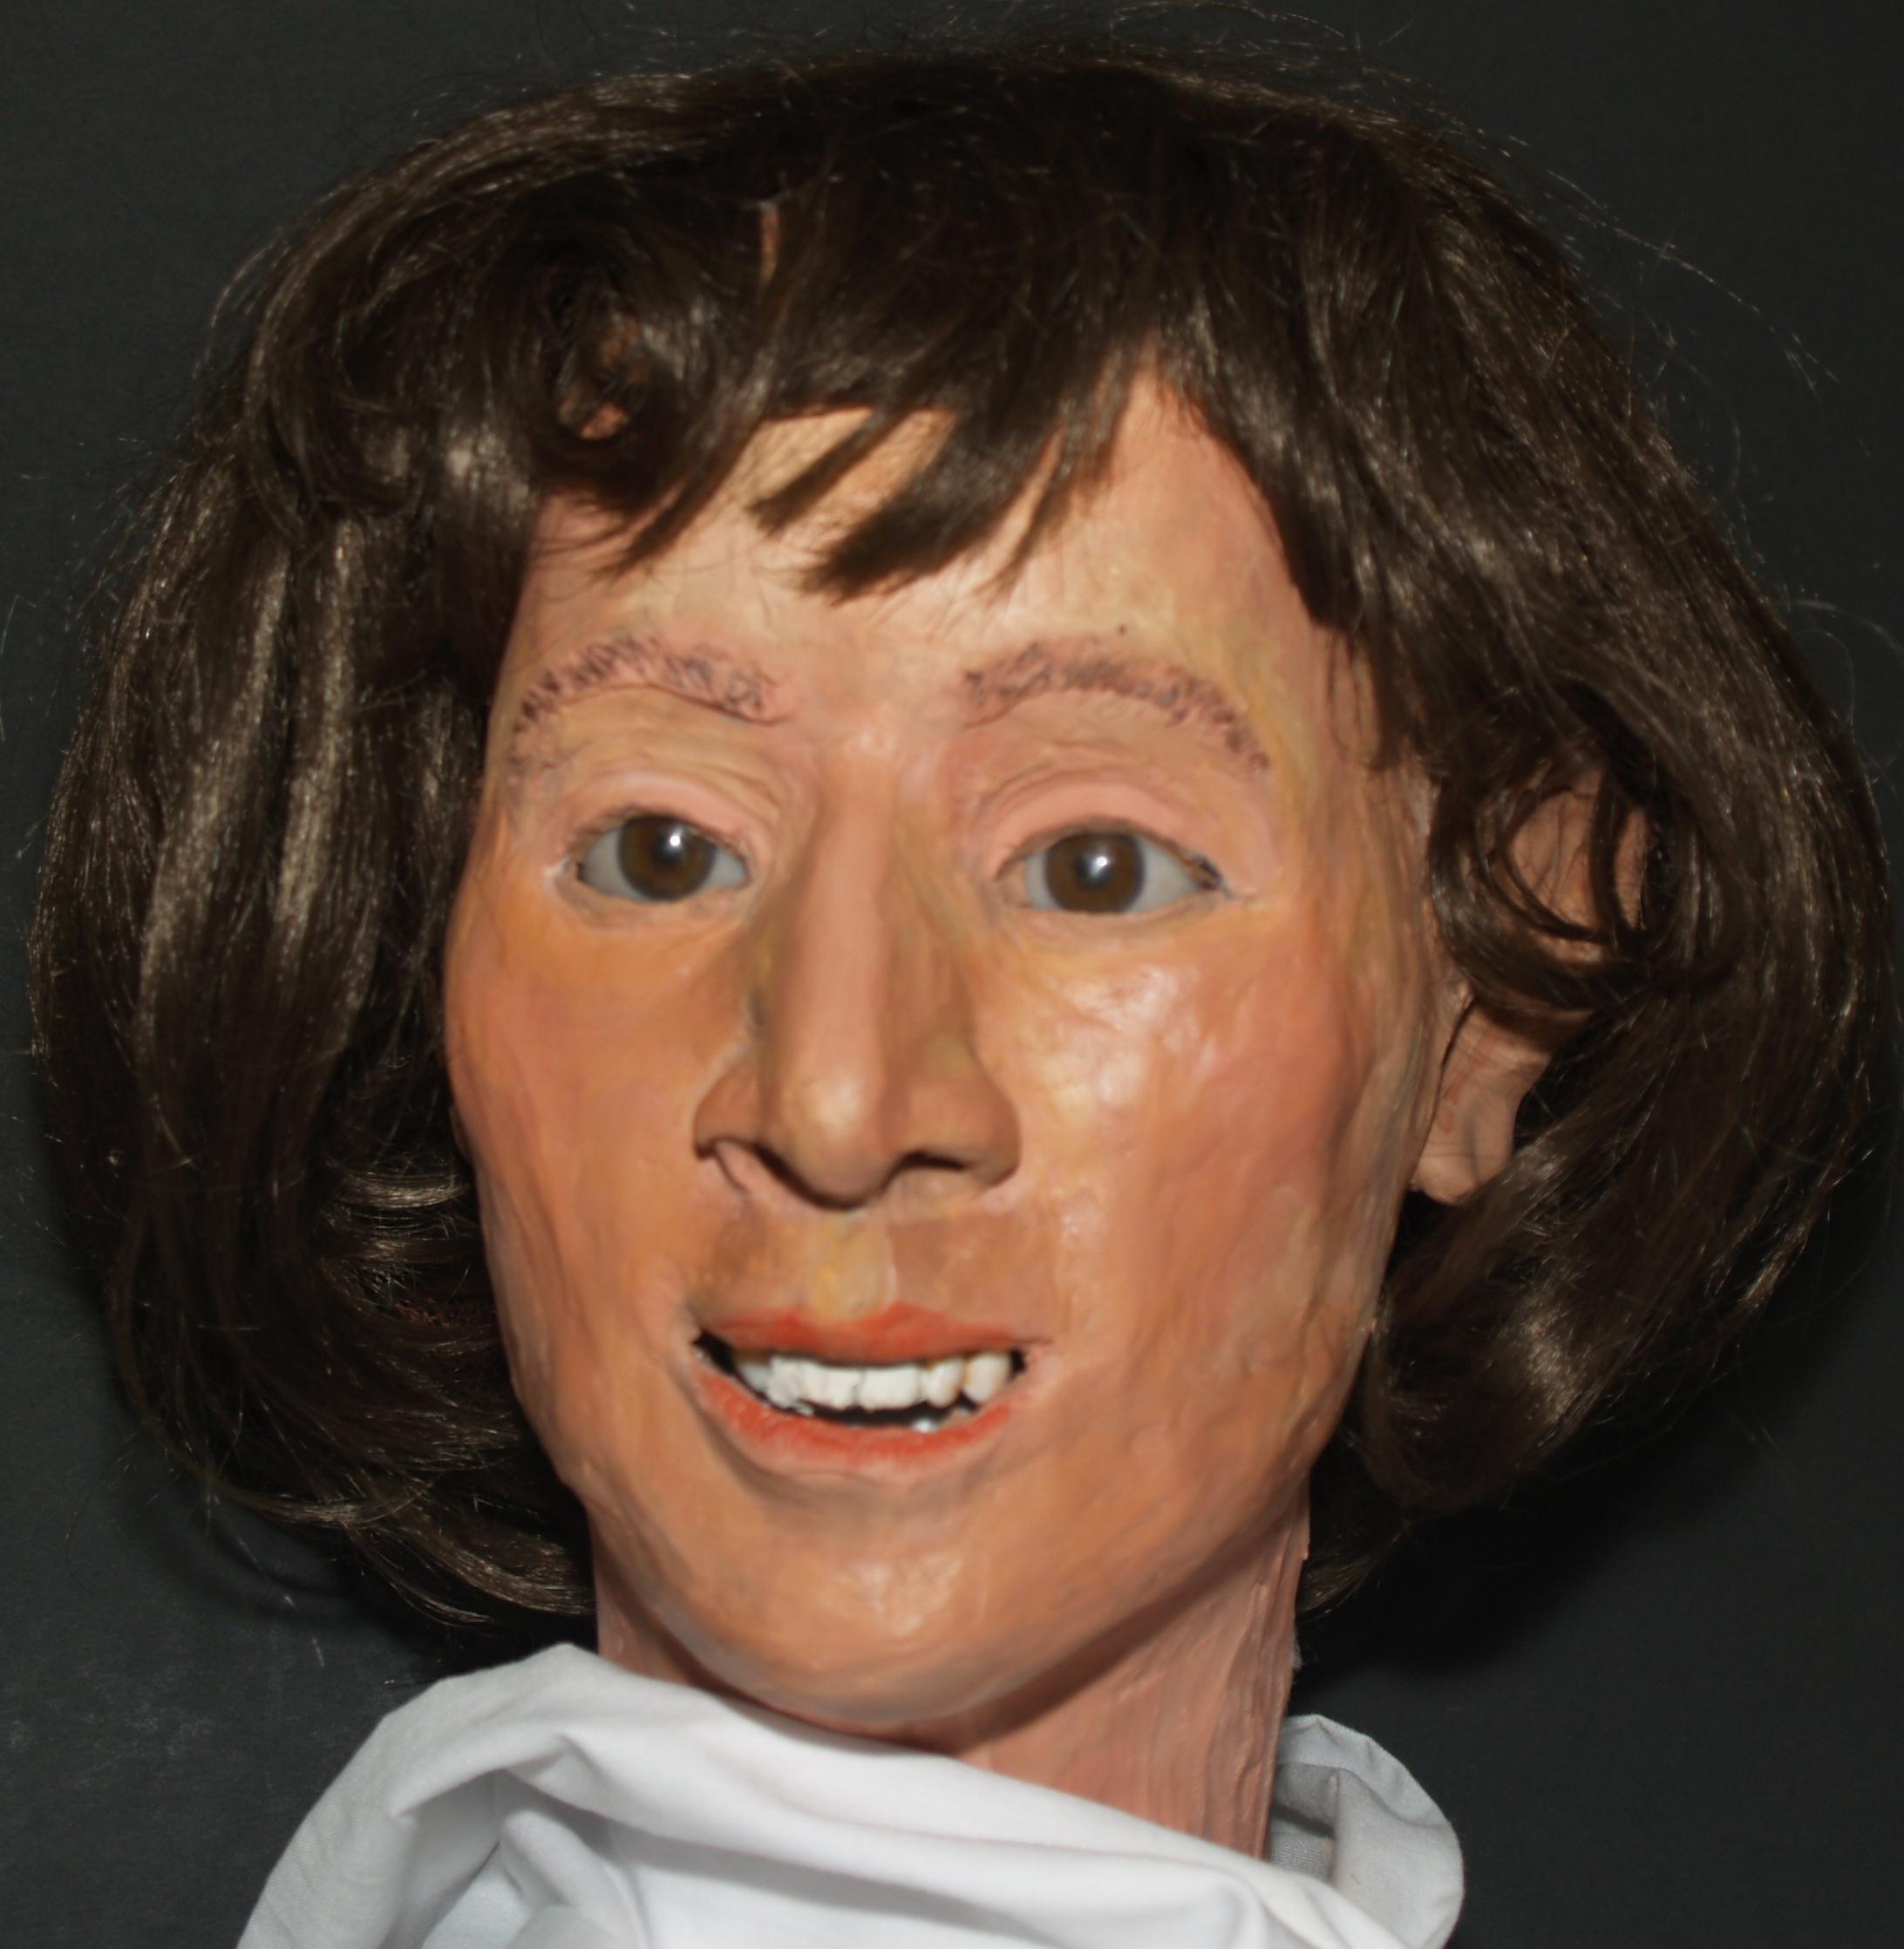 Oklahoma City Jane Doe (2009)